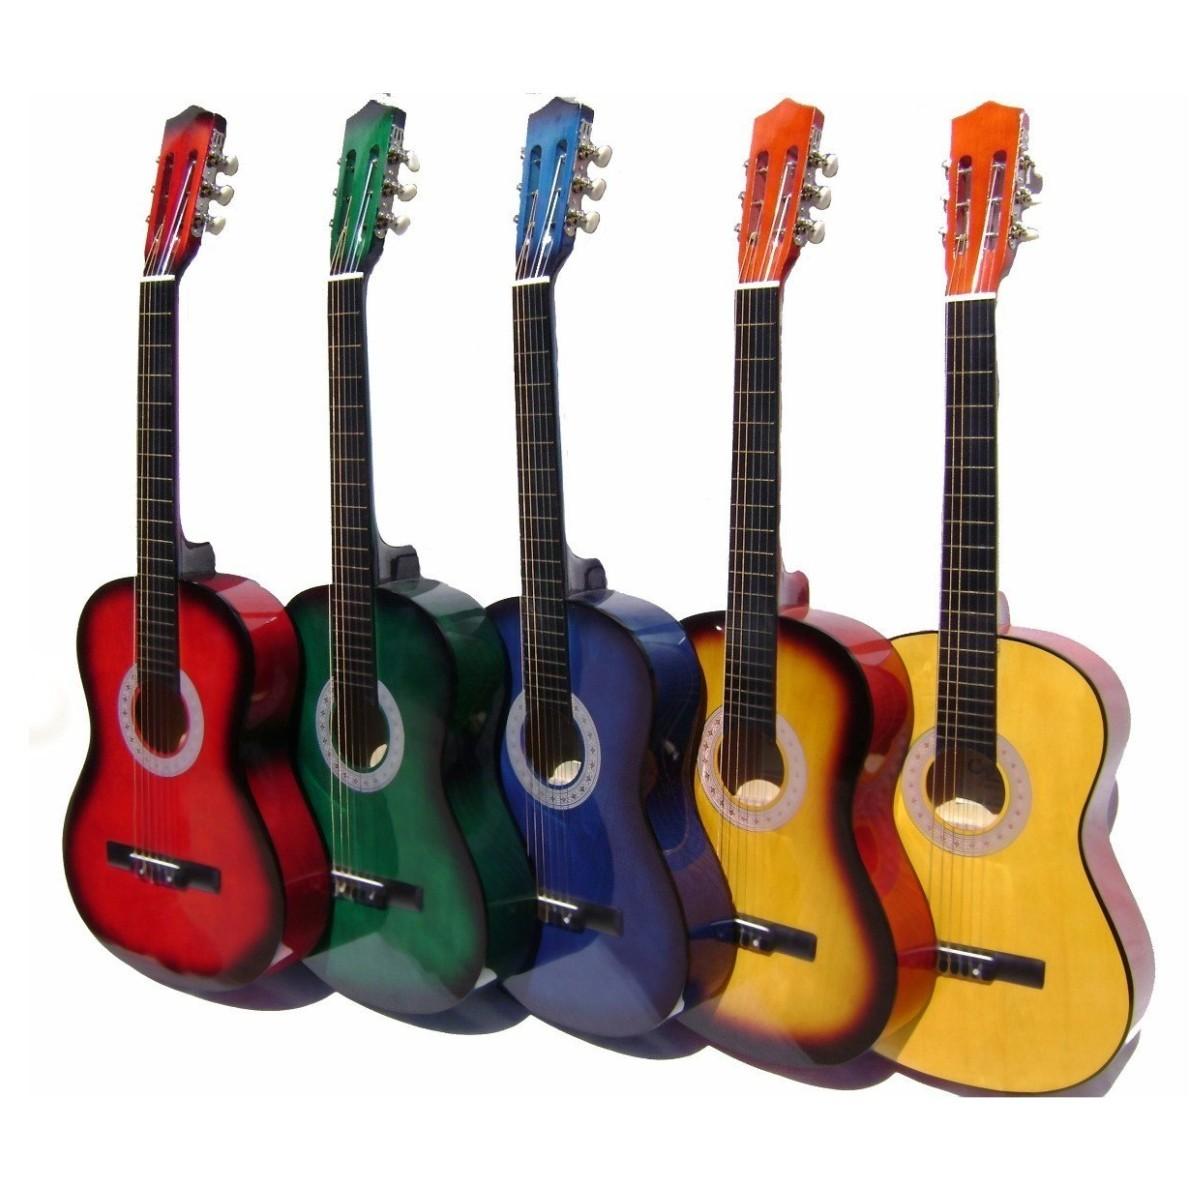 guitarra-acustica-redonda-la-clasica-buc